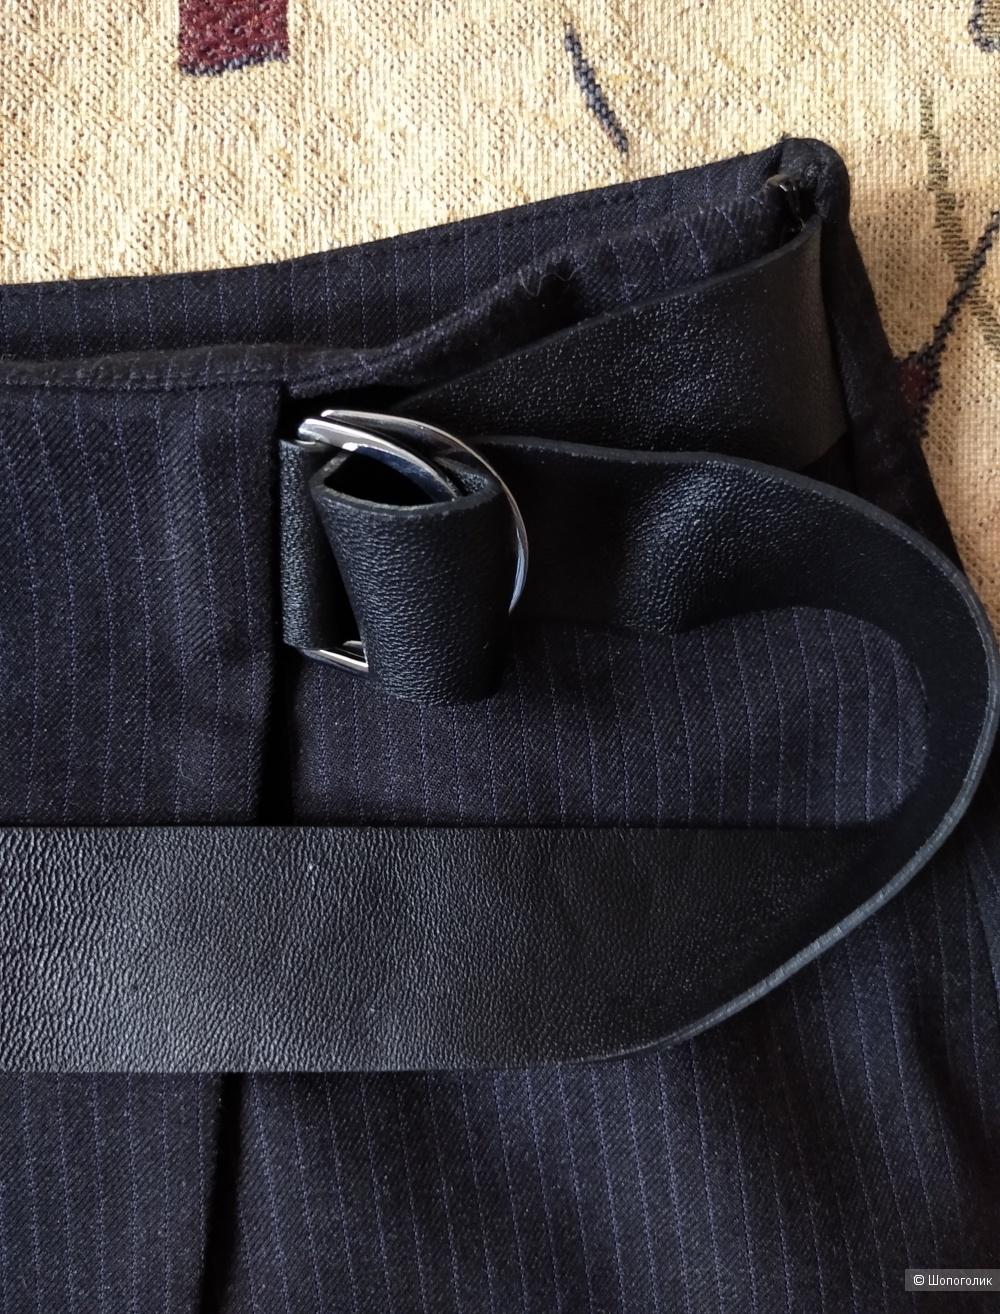 Юбка Couture Made for Vero Moda, L (RU44)